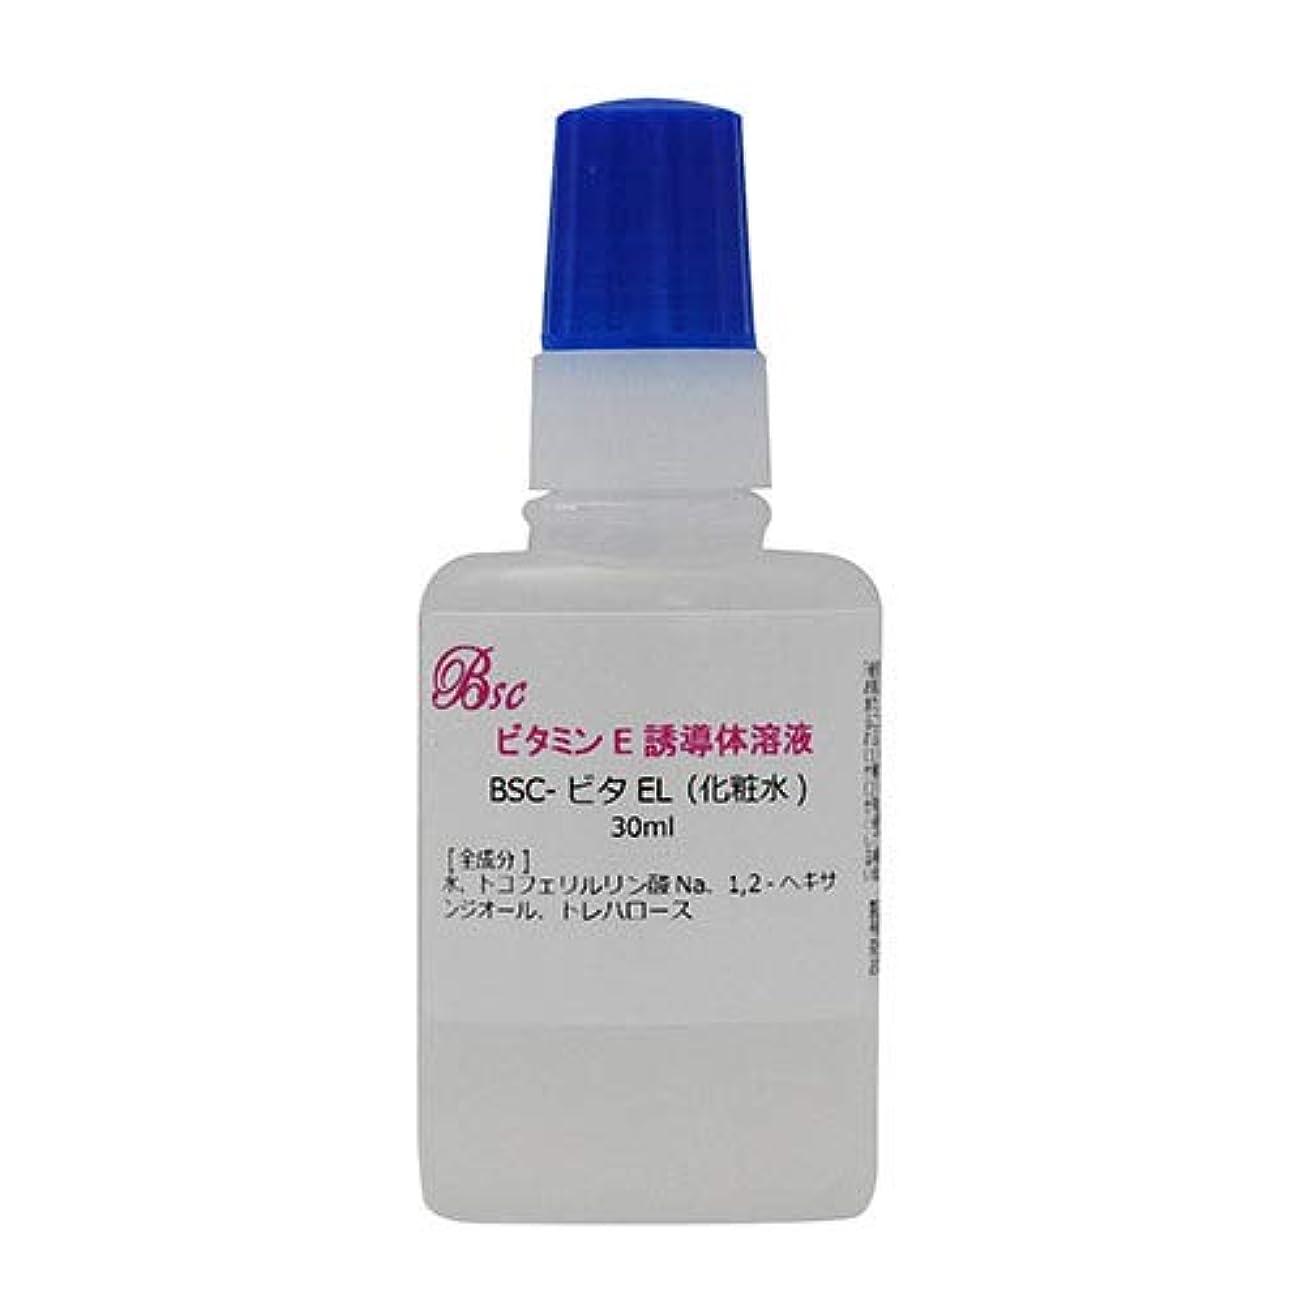 ホームブランド胚芽ビタミンE誘導体(トコフェリルリン酸Na)溶液?30ml